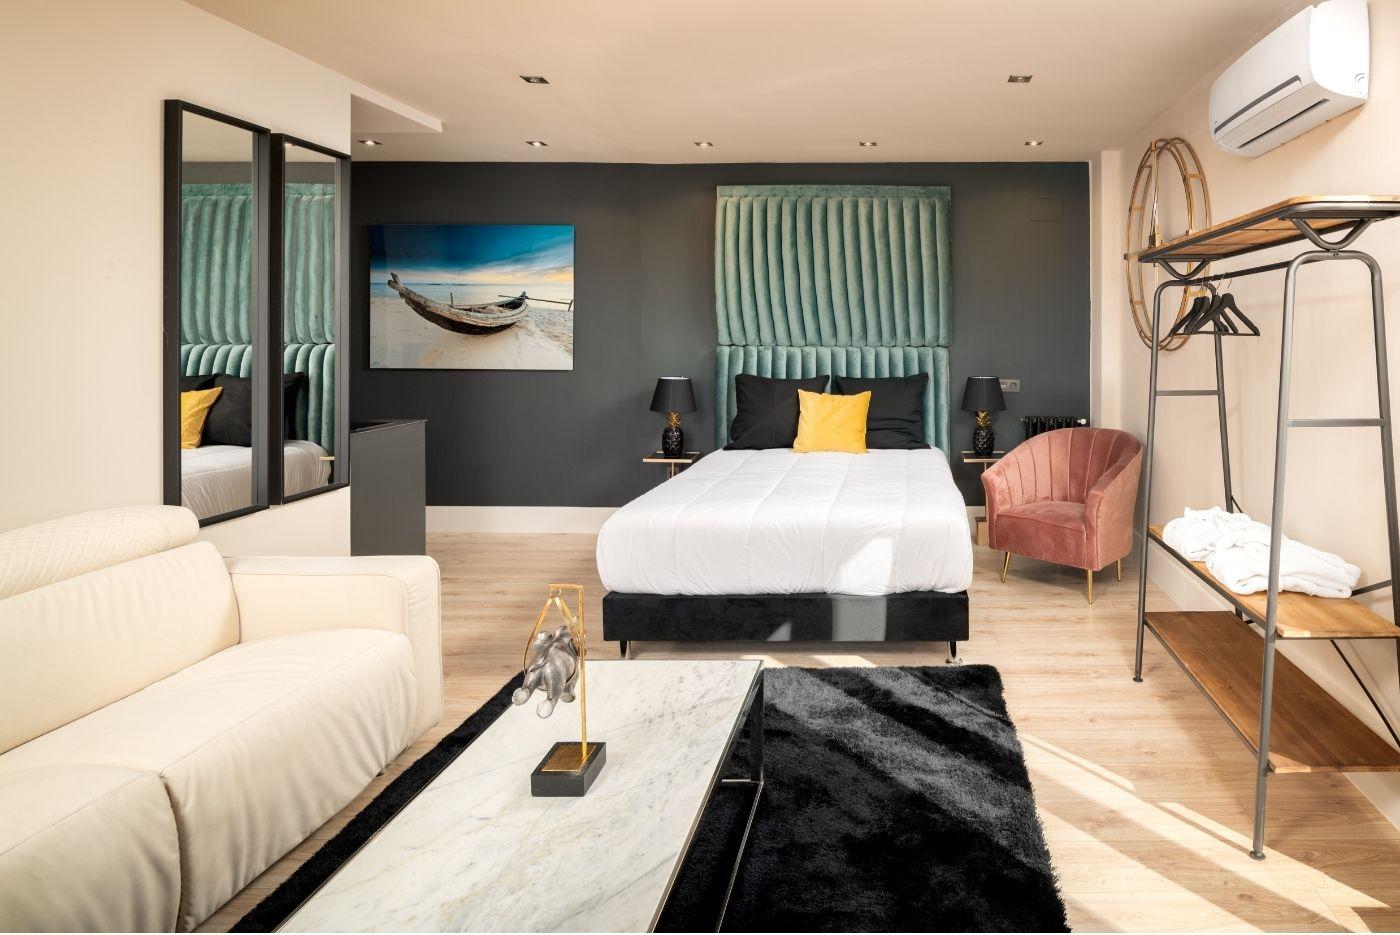 Apartamento-Suite-Atico-75-Oviedo-1907-02